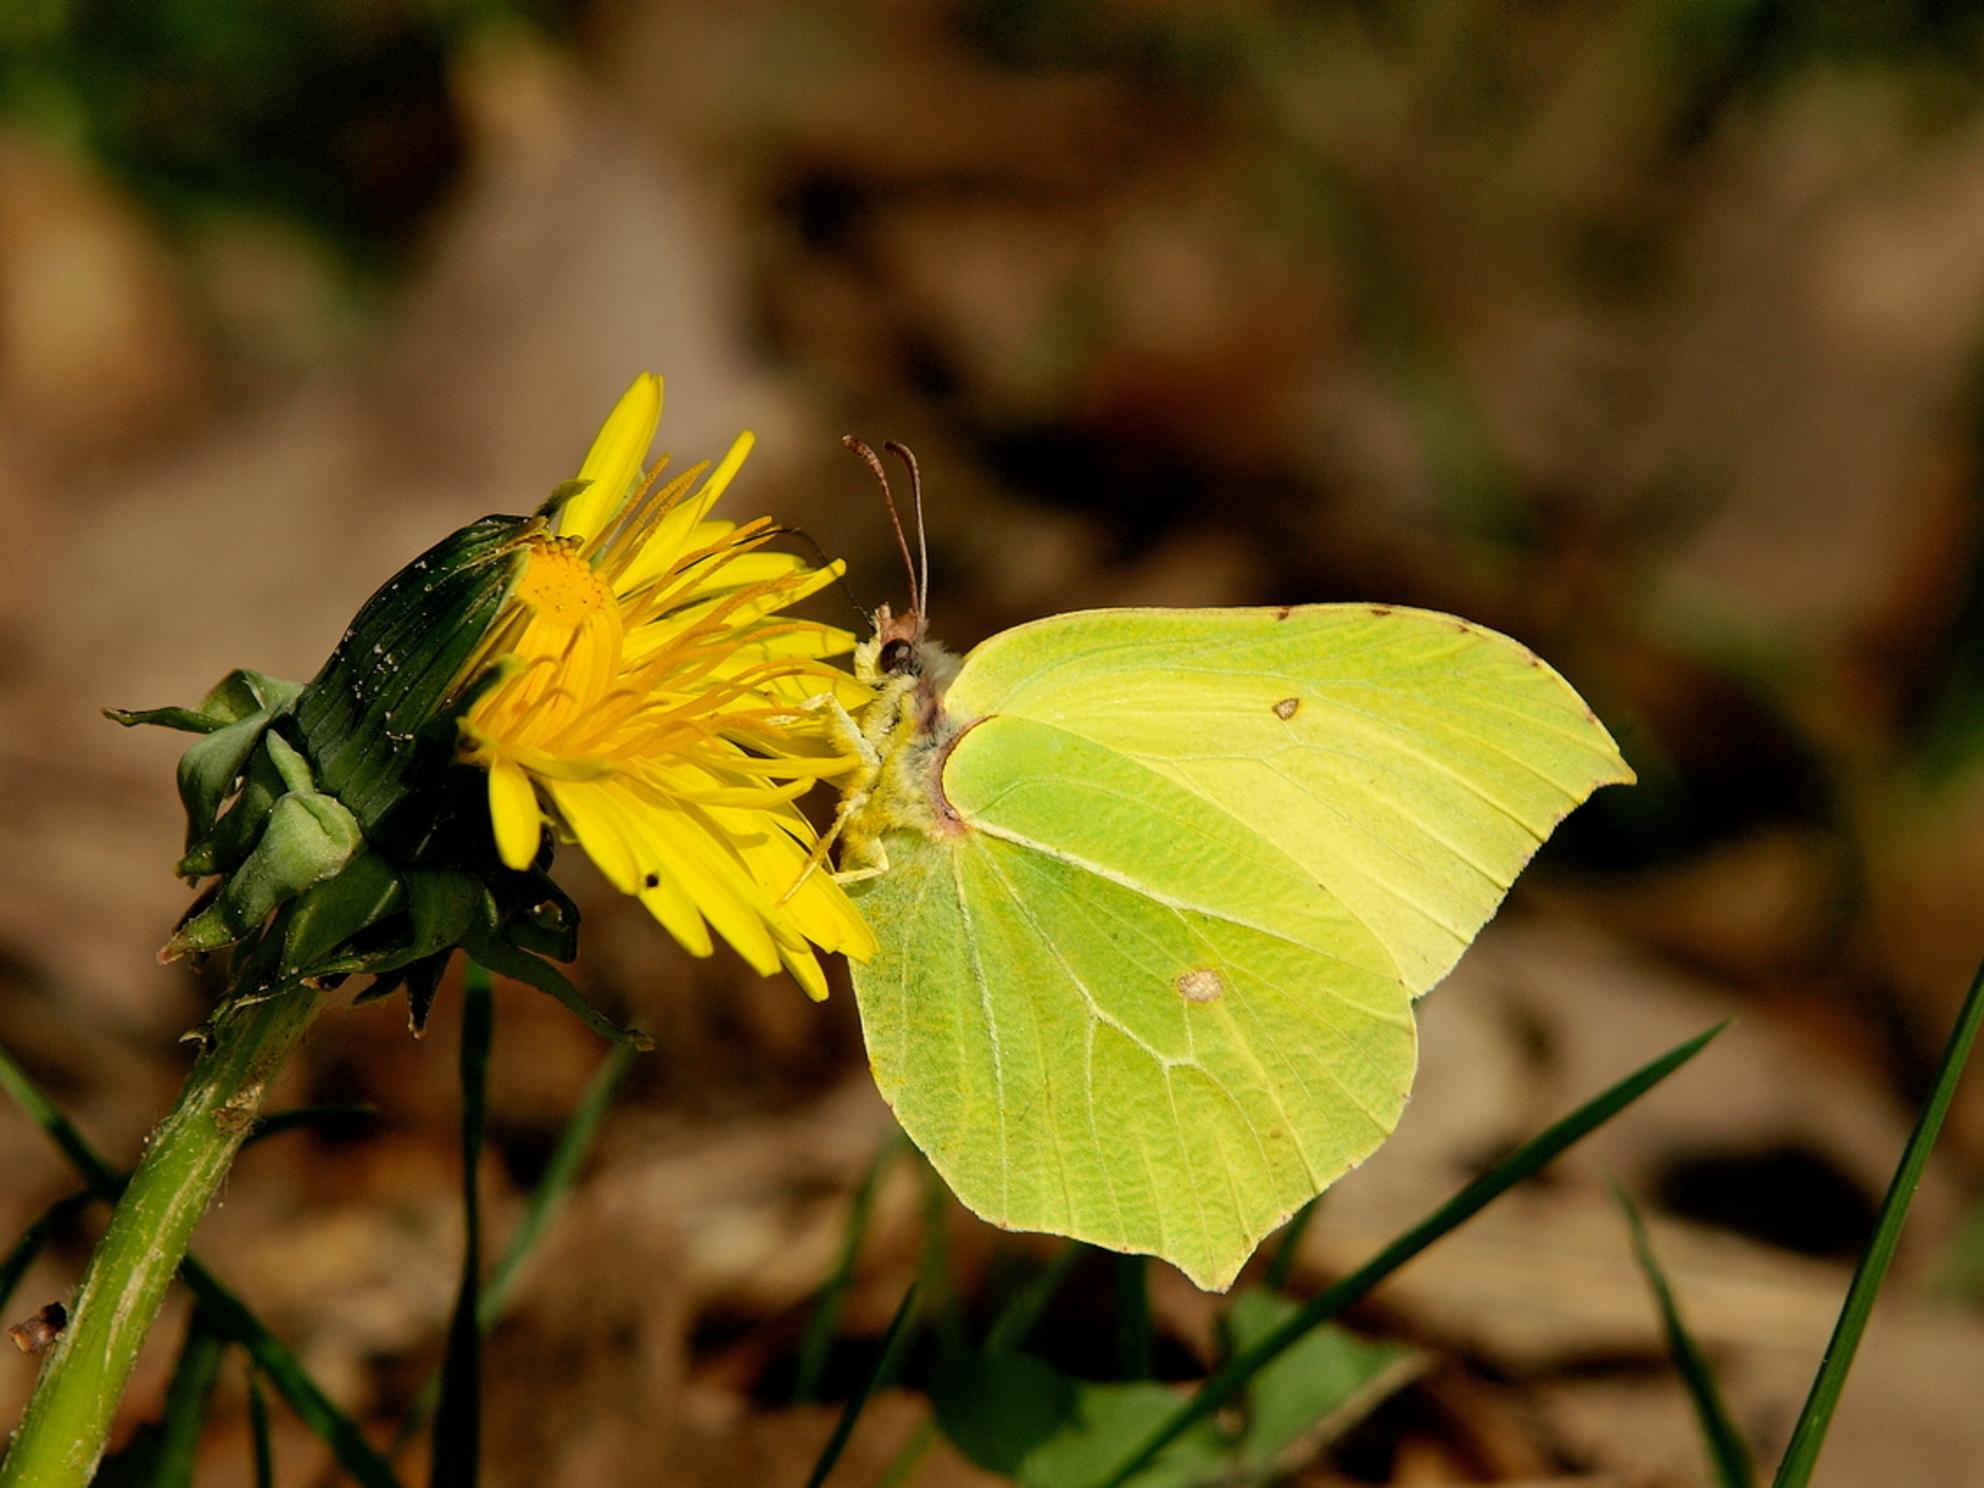 citroenvlinder - Fotografie en fitness gaan perfect samen als je op vlinderjacht bent. Dat bleek deze voormiddag wel. Ik heb een halve dag achter deze beestjes aan ge - foto door Karientje op 19-04-2009 - deze foto bevat: vlinder - Deze foto mag gebruikt worden in een Zoom.nl publicatie